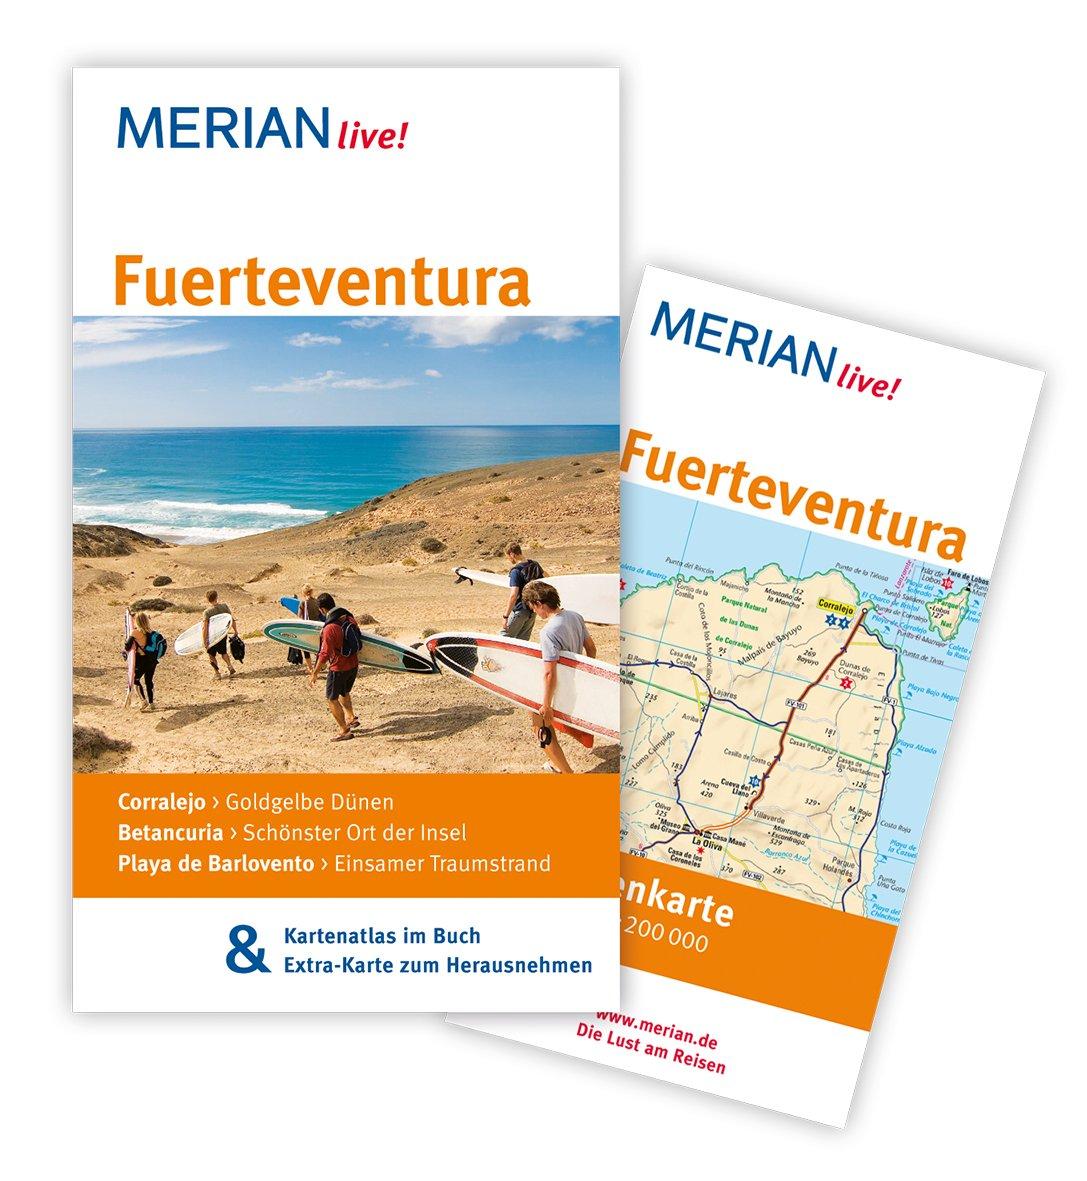 MERIAN live! Reiseführer Fuerteventura: MERIAN live! - Mit Kartenatlas im Buch und Extra-Karte zum Herausnehmen